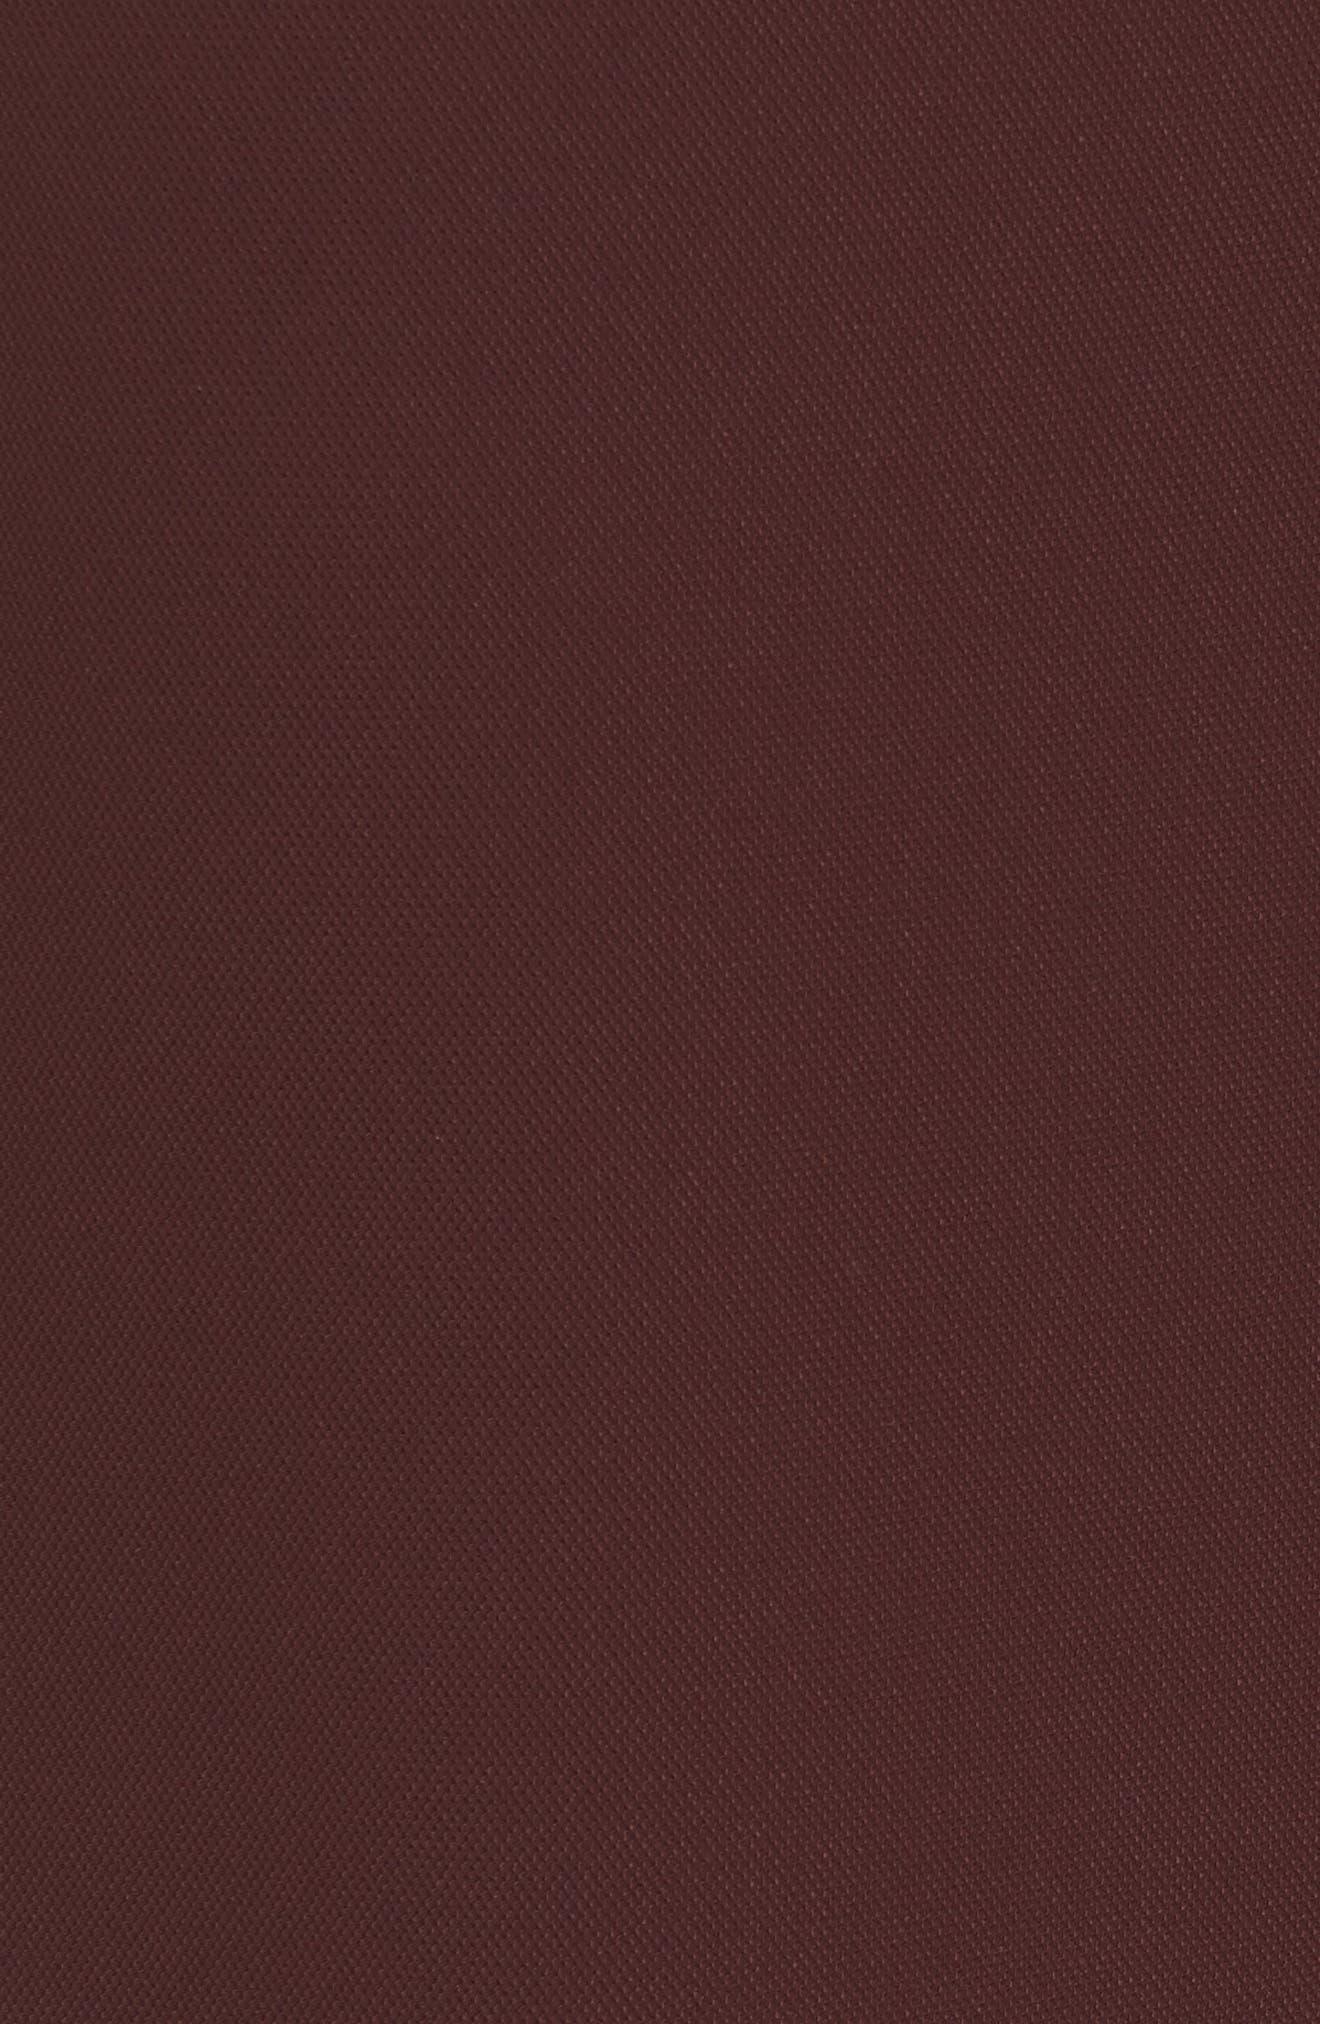 Vuriona Suit Skirt,                             Alternate thumbnail 5, color,                             602